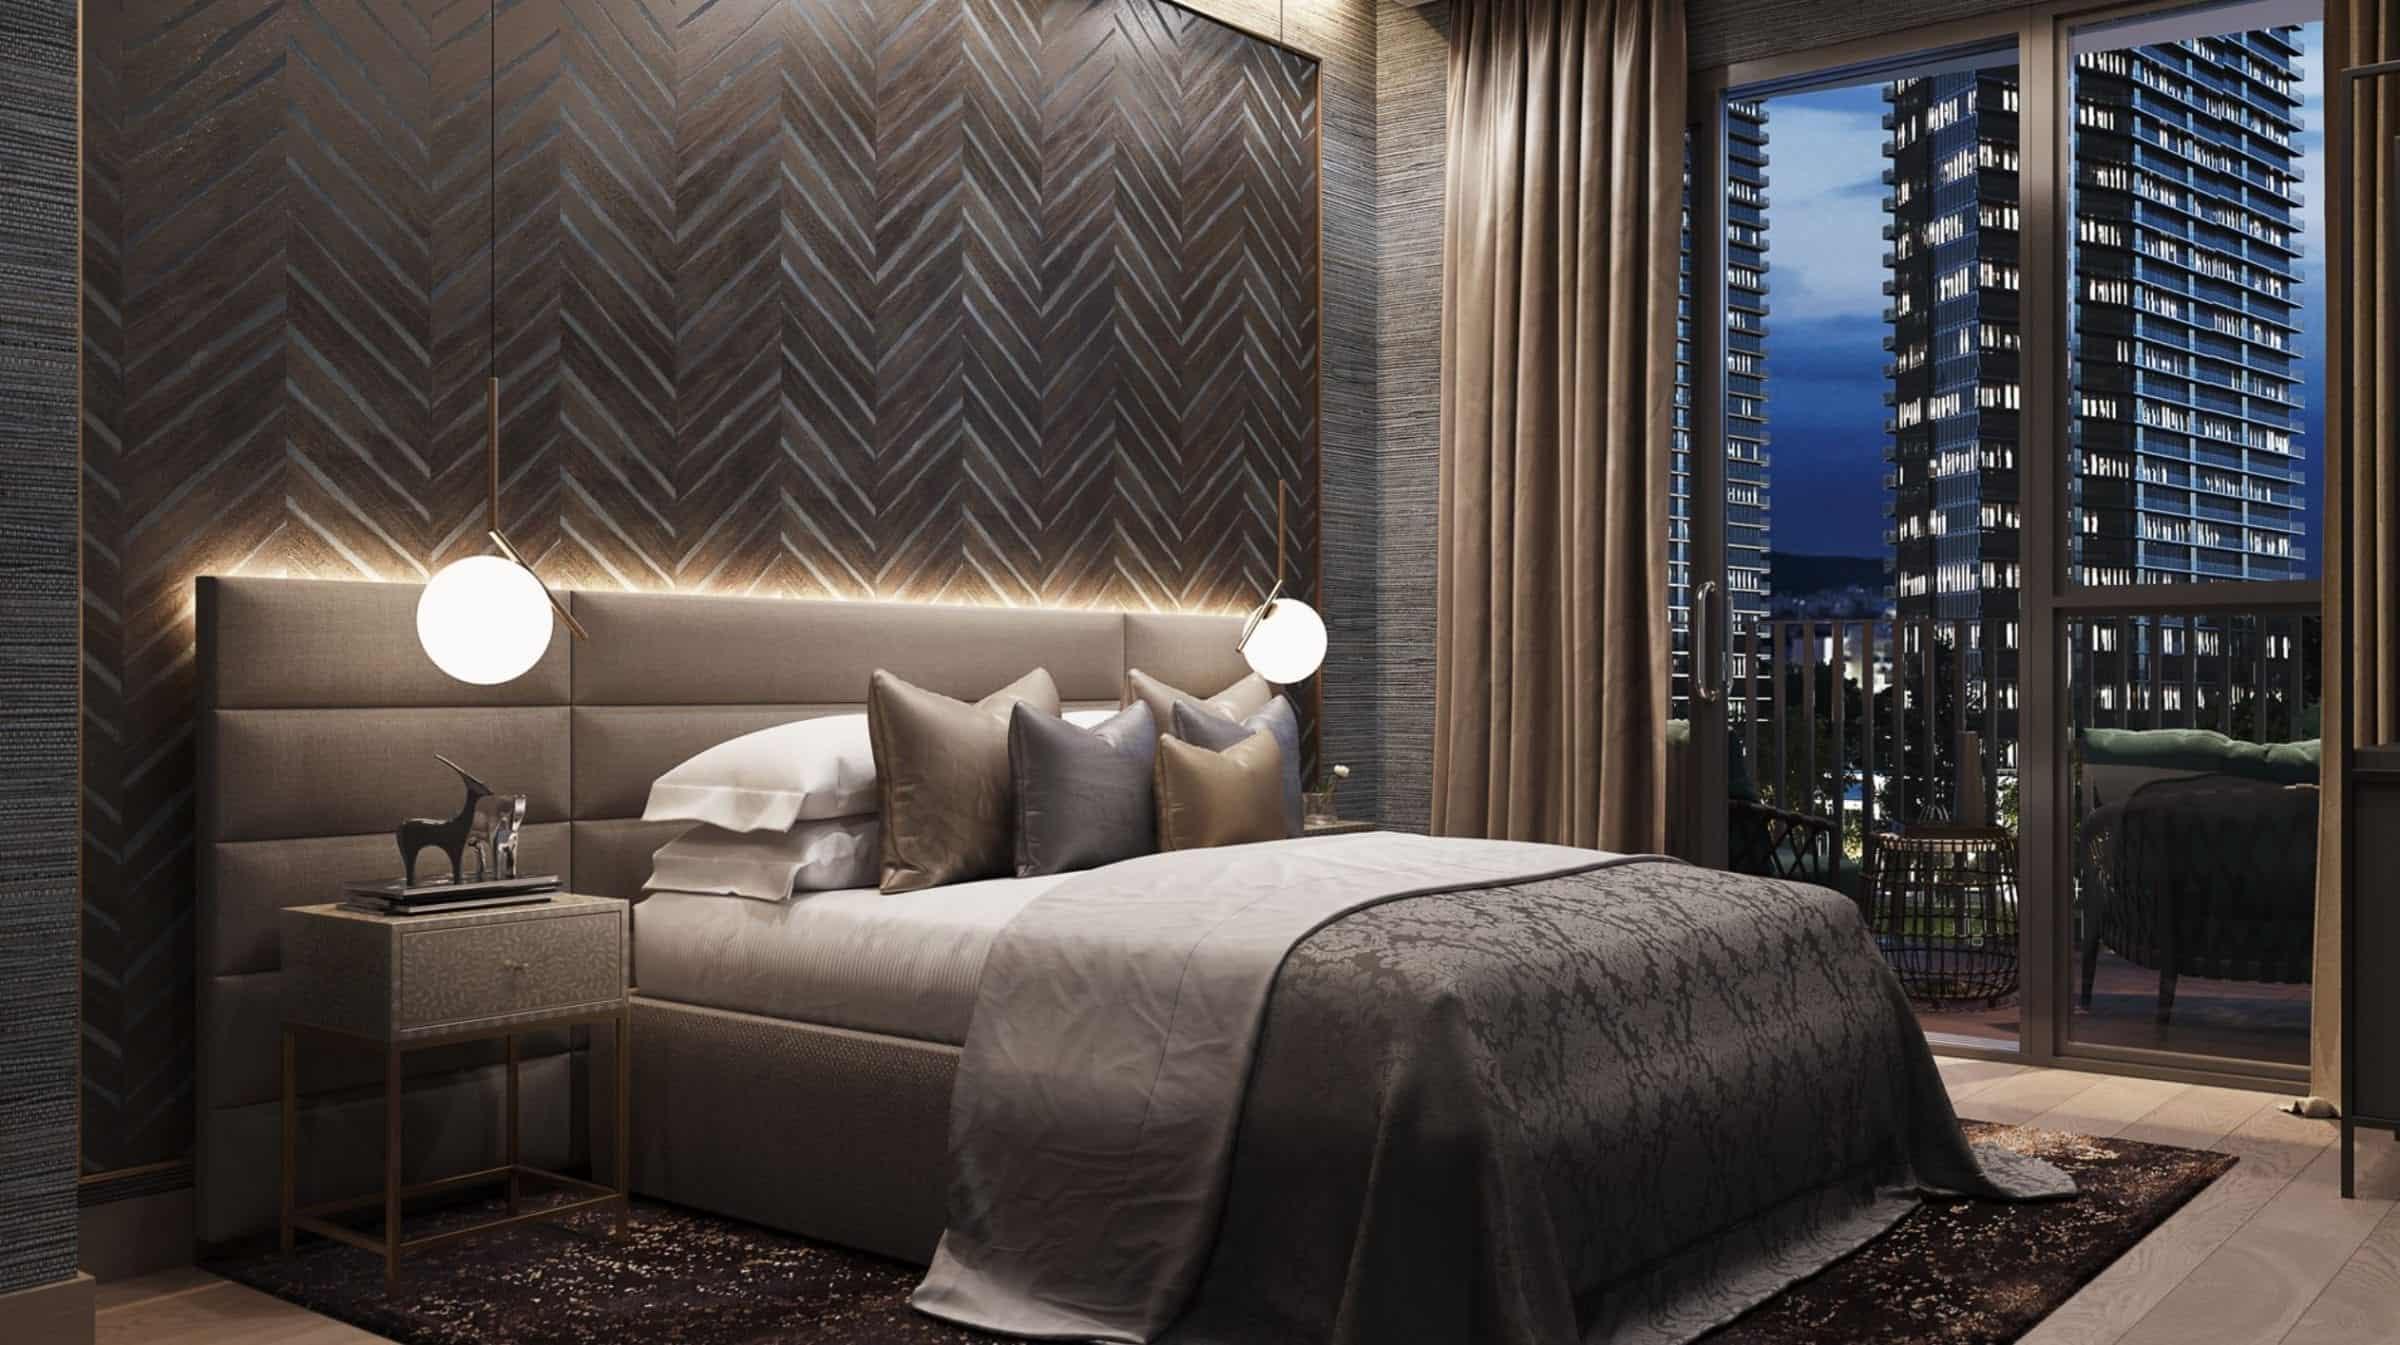 King's Landing Condos 2 Bedroom True Condos